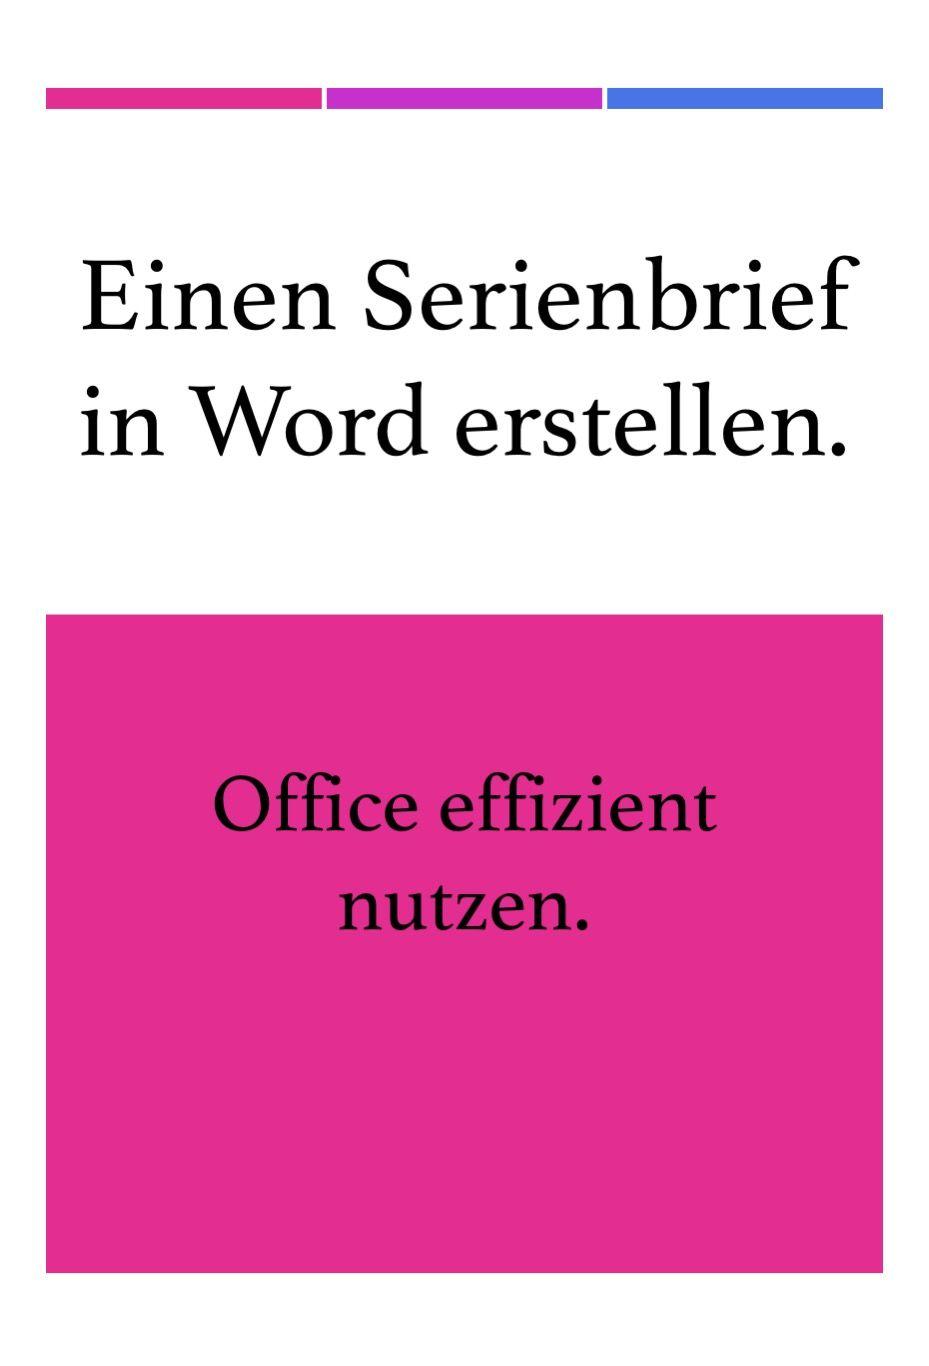 Einen Serienbrief In Word Erstellen Schritt Fur Schritt Anleitung Word Tipps Tipps Und Tricks Tipps Und Fortbildung